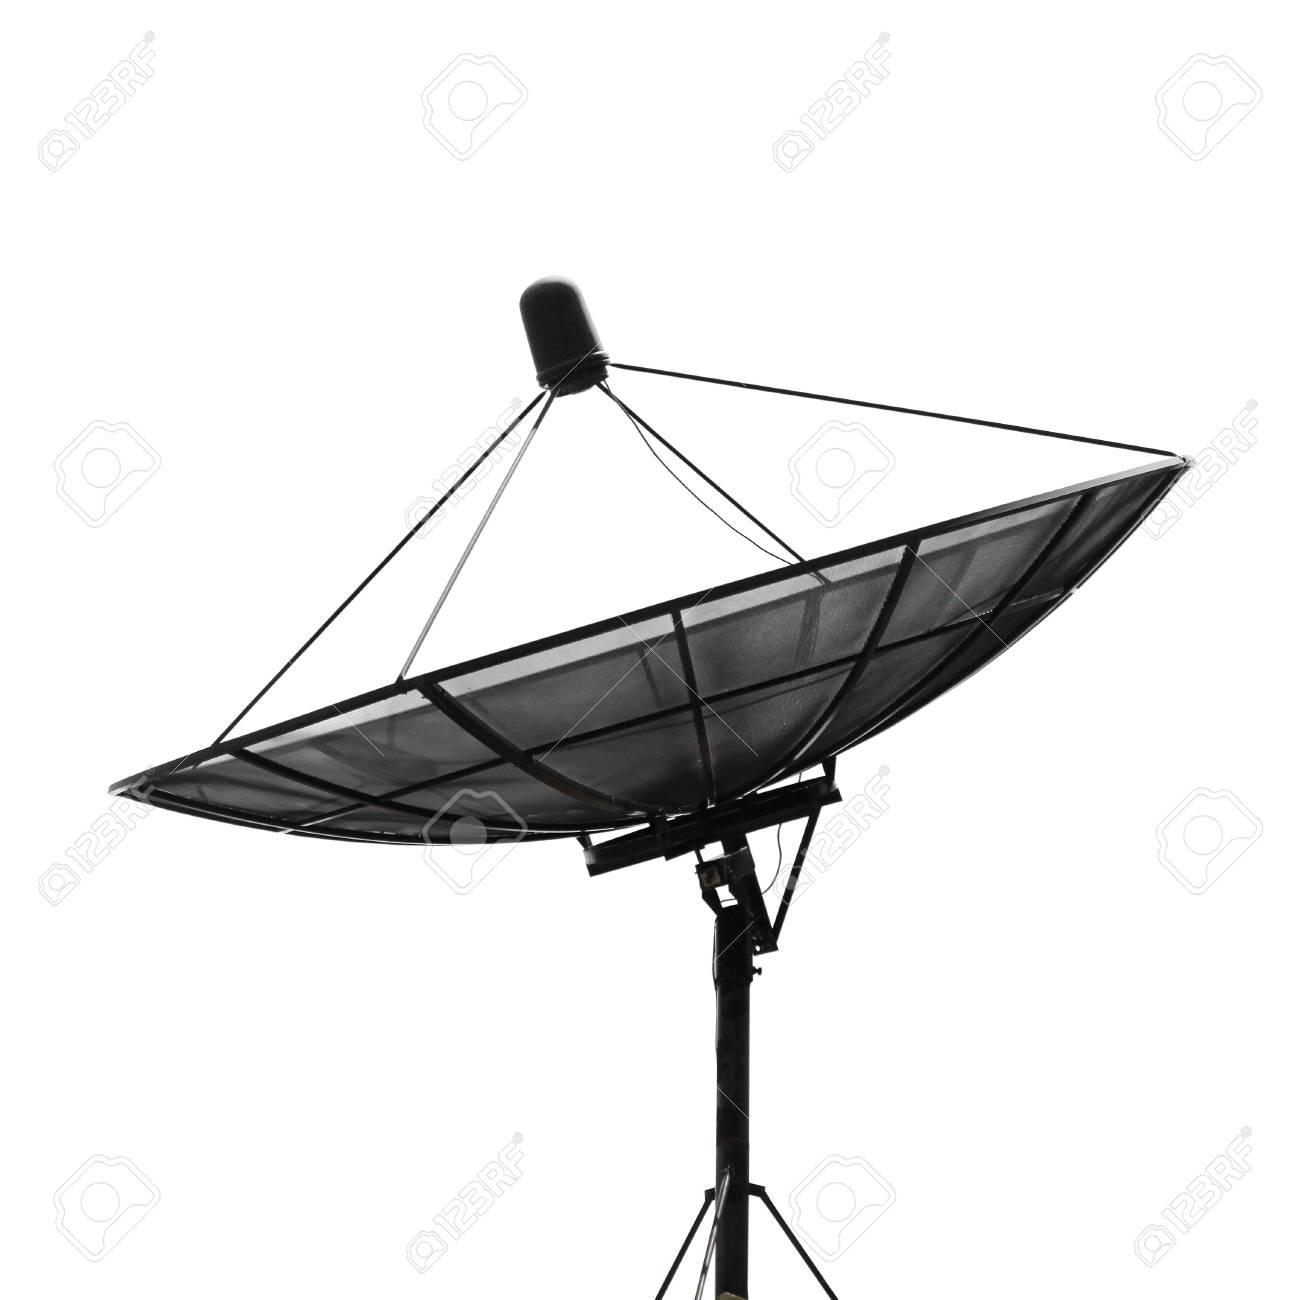 antenne parabolique pour la communication sur fond blanc banque d